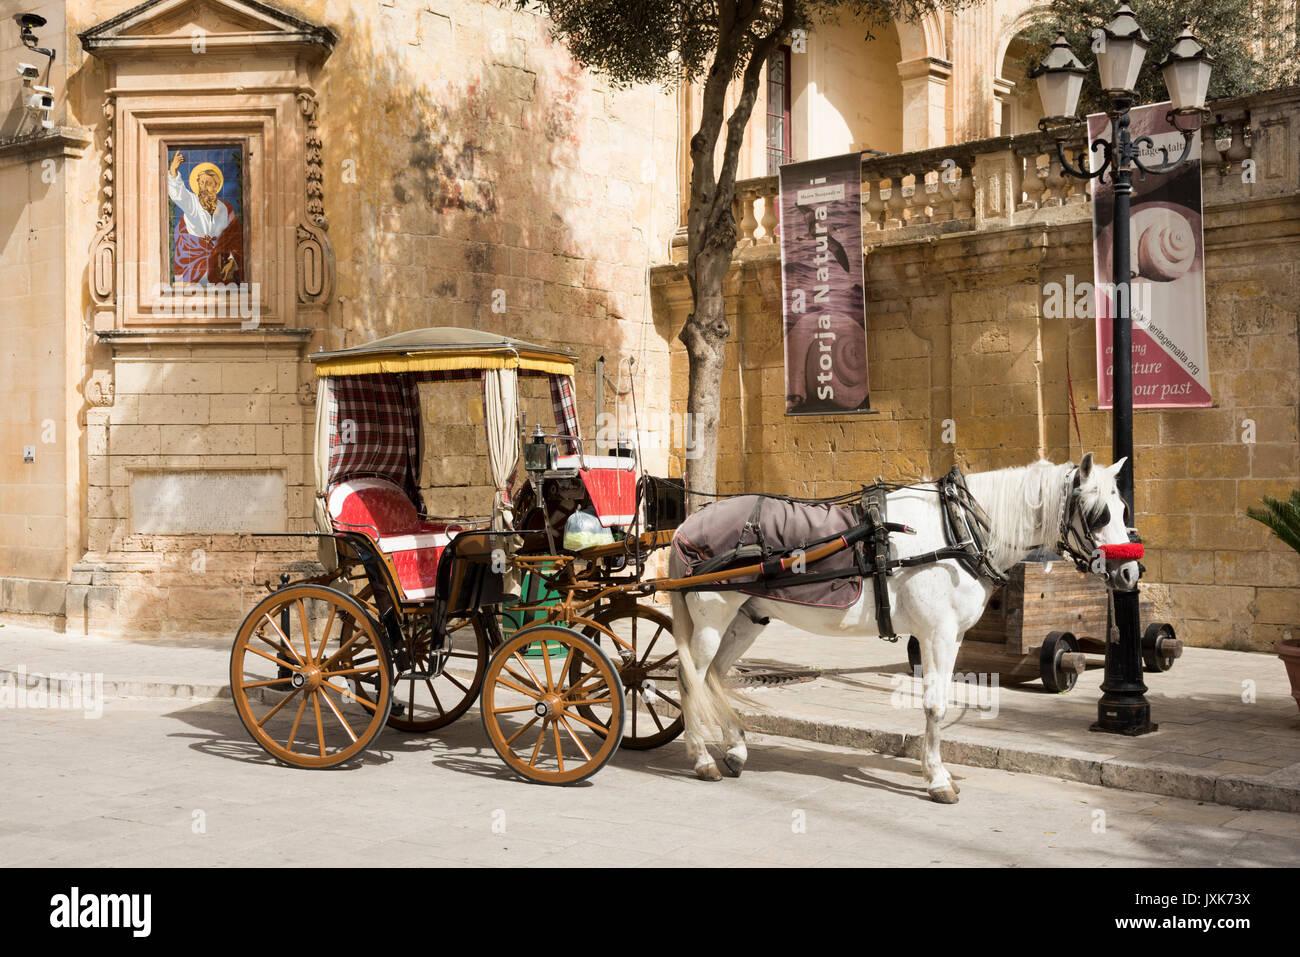 Un turista a cavallo e carrello carrello attende per i passeggeri per un viaggio di Mdina Malta Immagini Stock